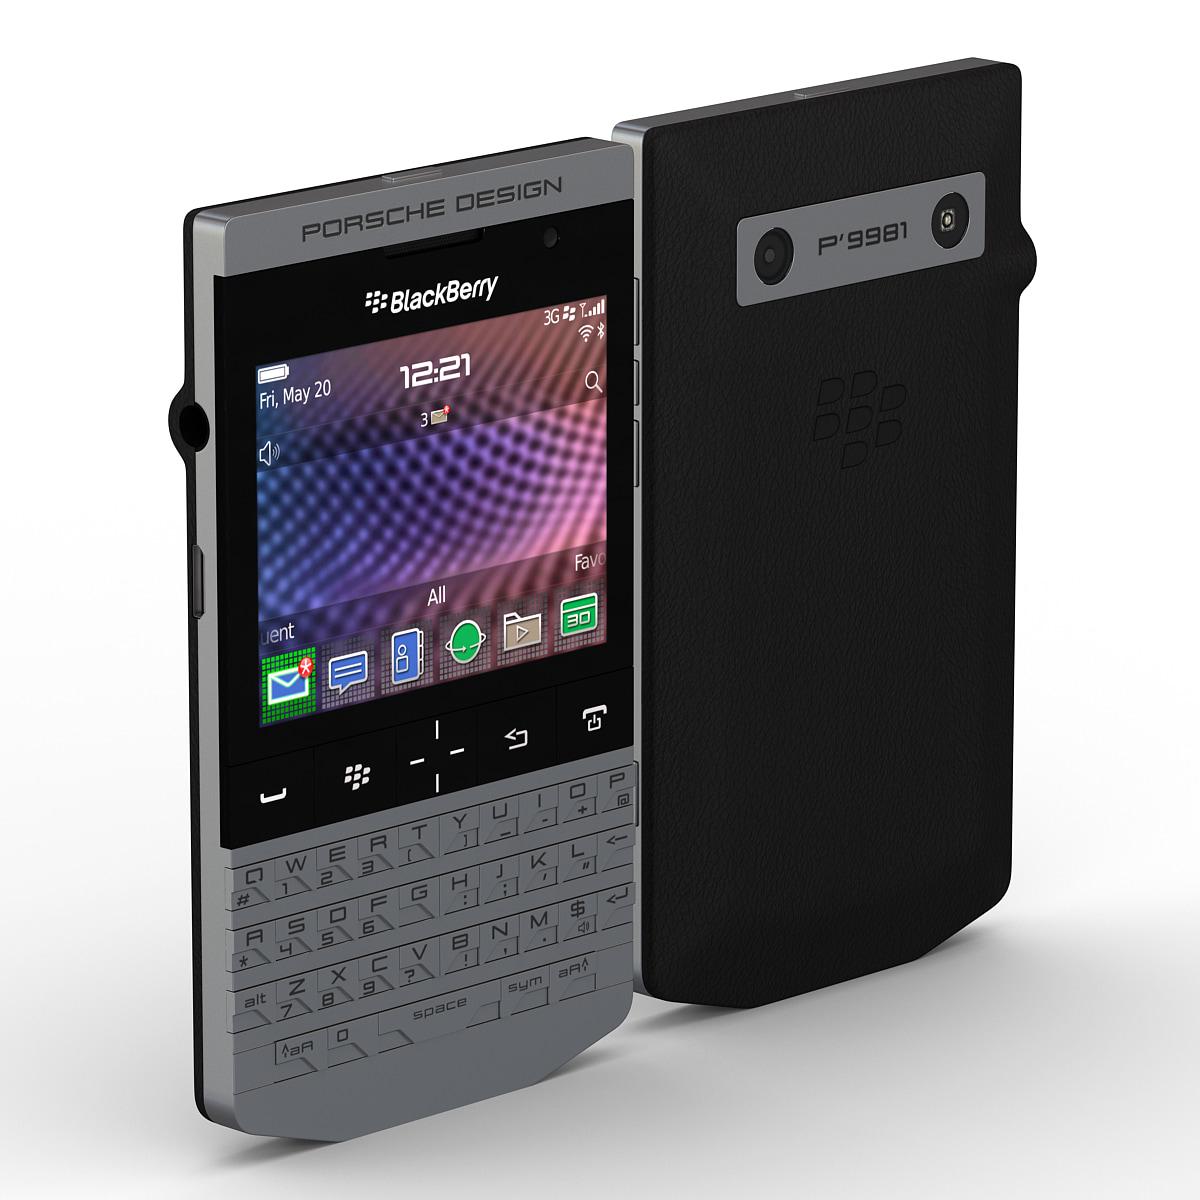 Blackberry_PDA_9981_001.jpg